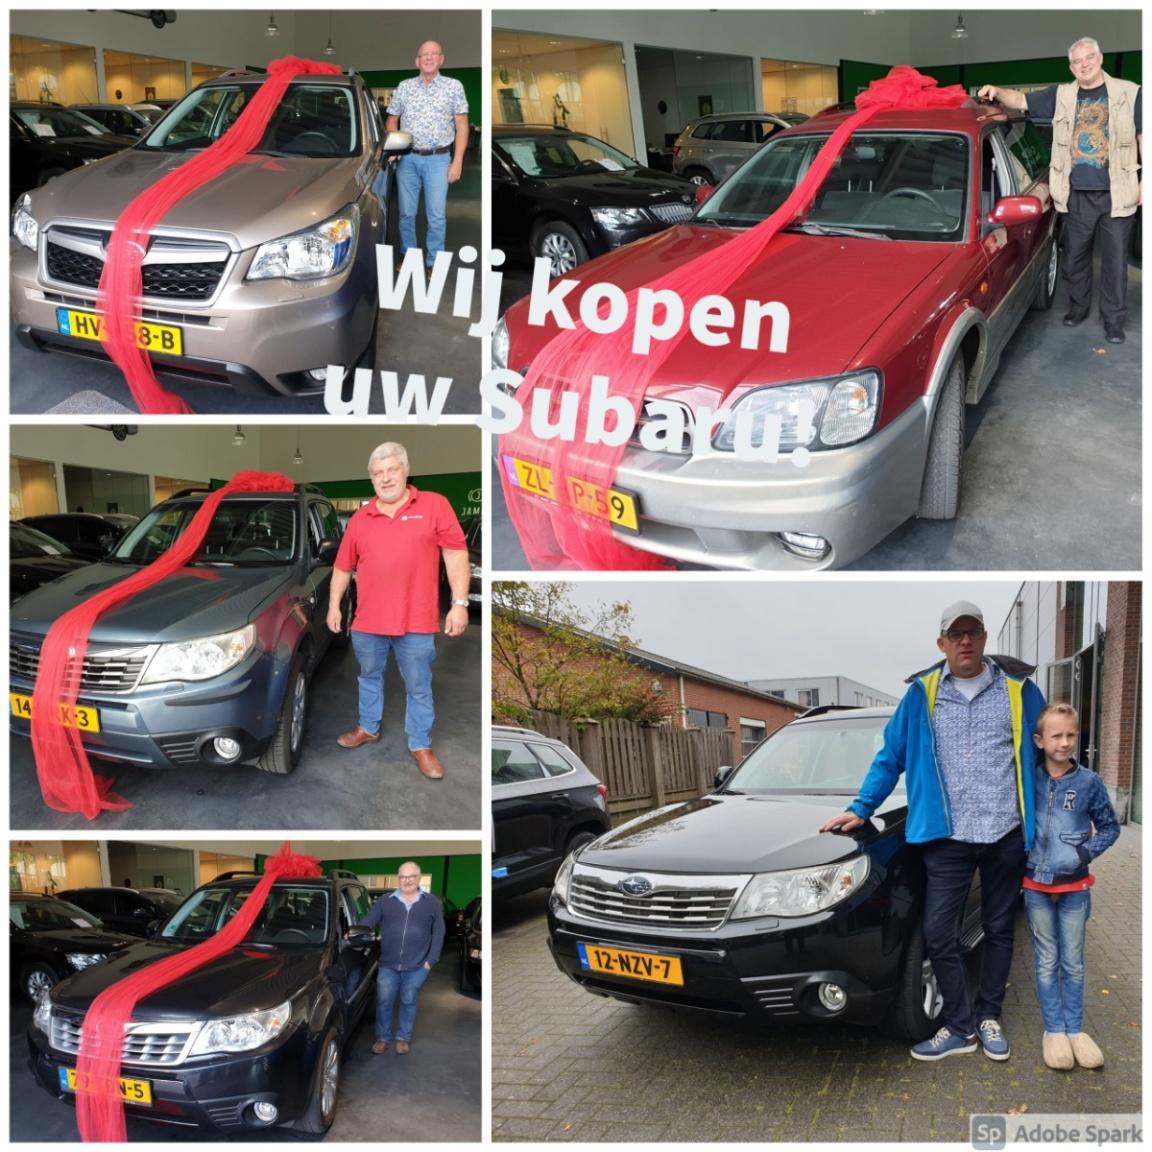 Wij kopen uw Subaru!-2021-05-26 17:36:47